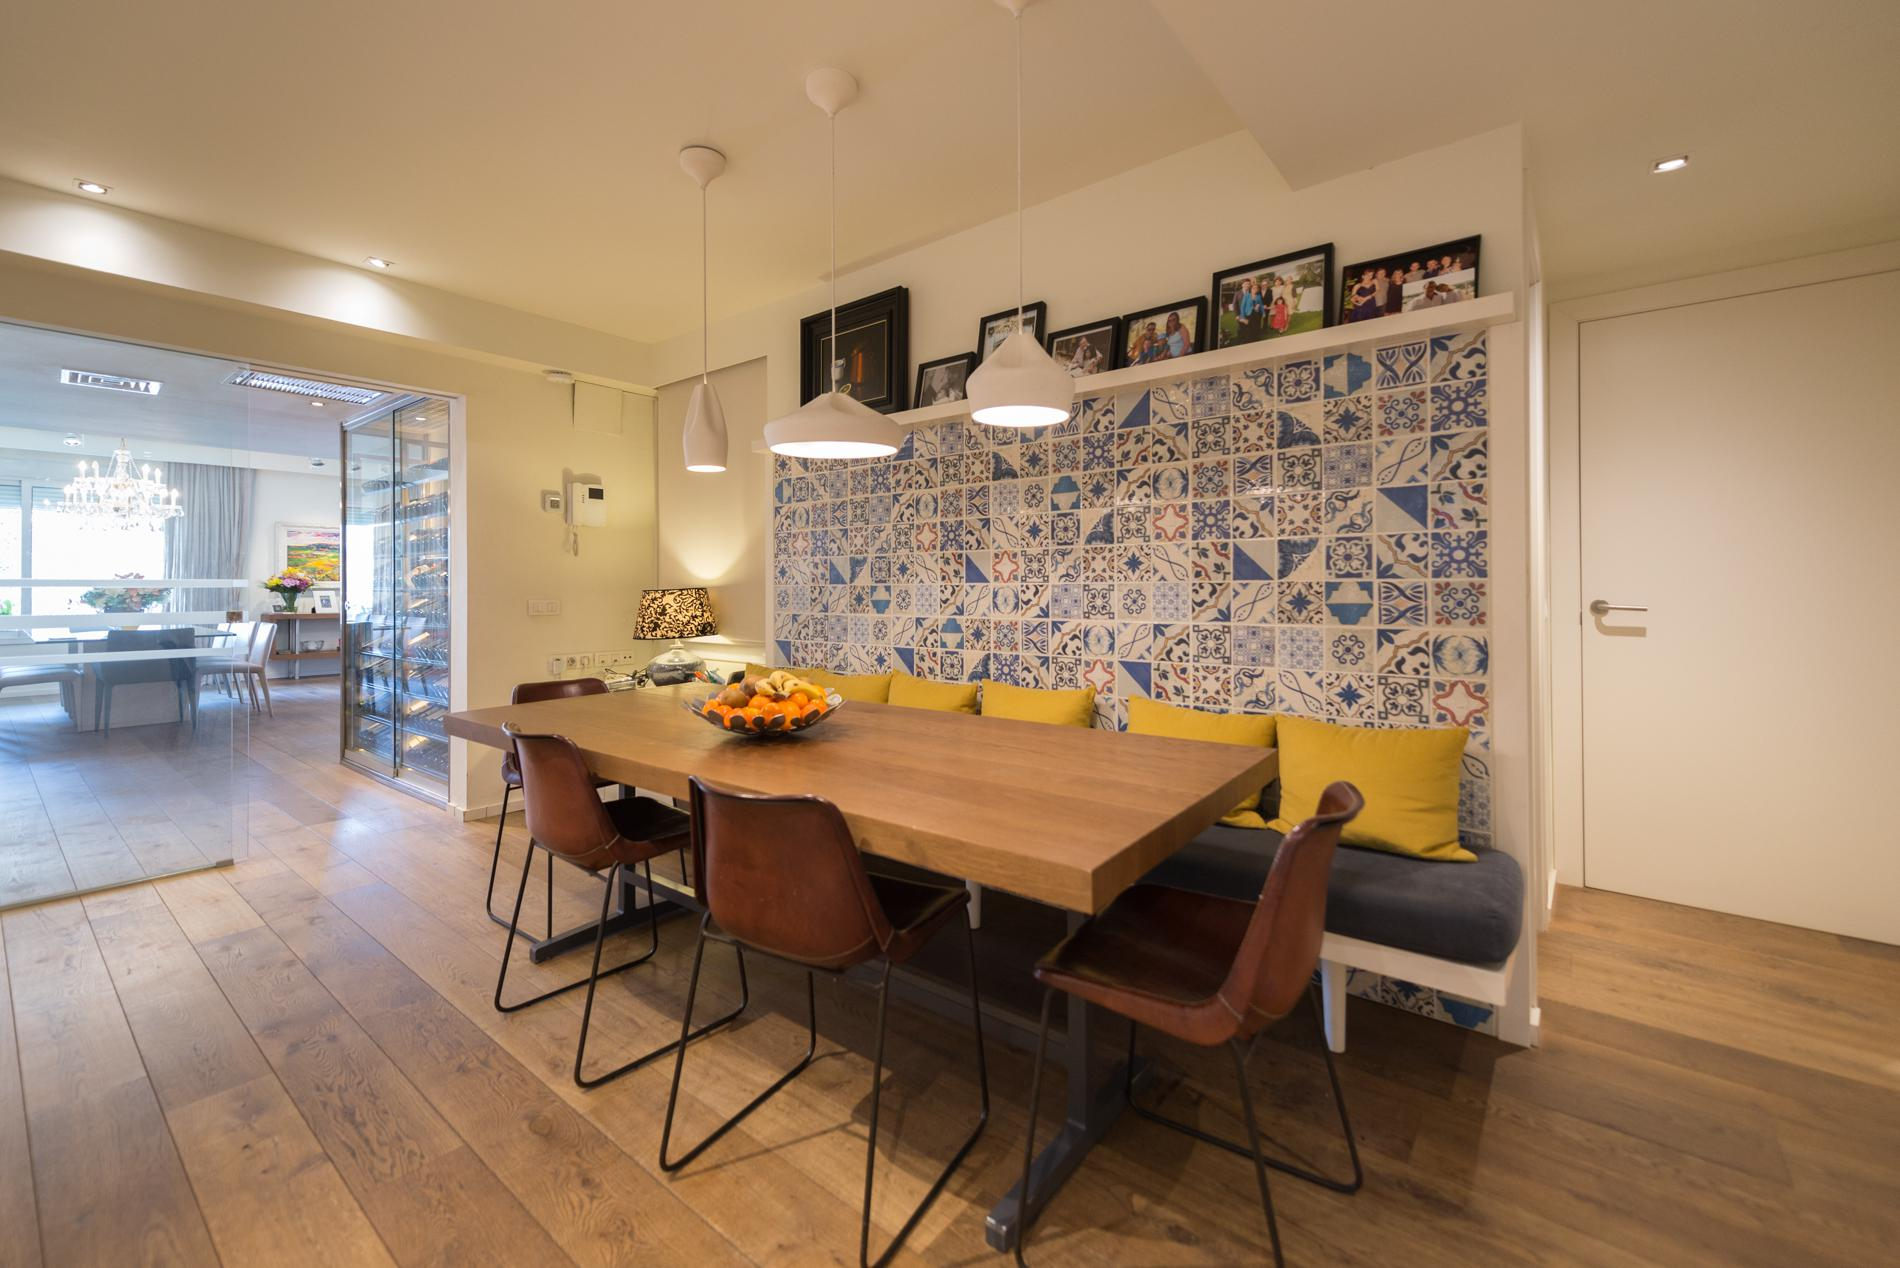 222426 Apartment for sale in Eixample, Dreta Eixample 4